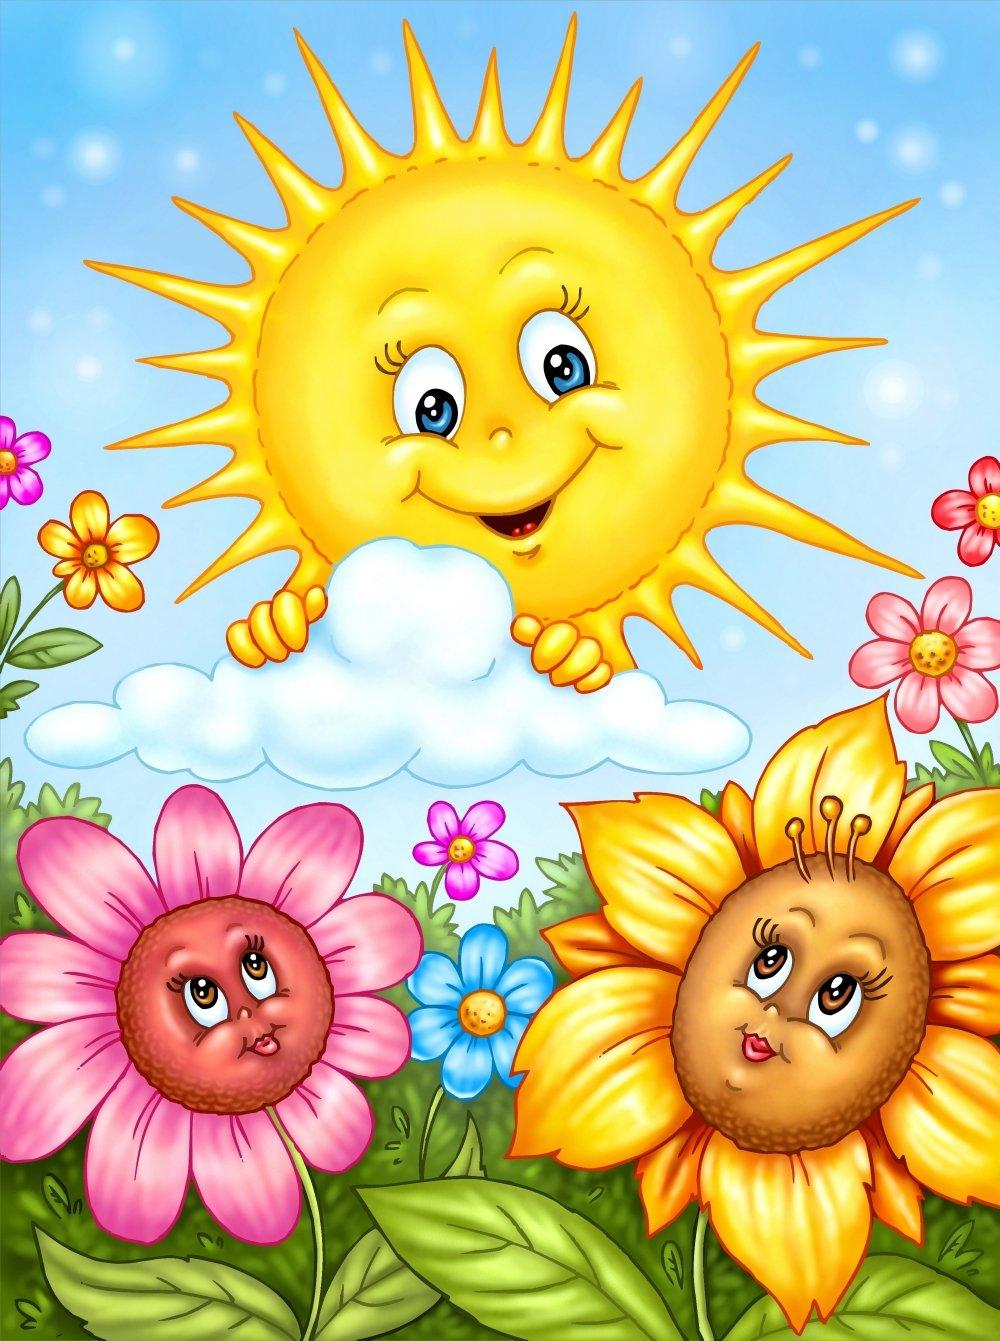 фото как солнышко улыбается эти изделия привлекают